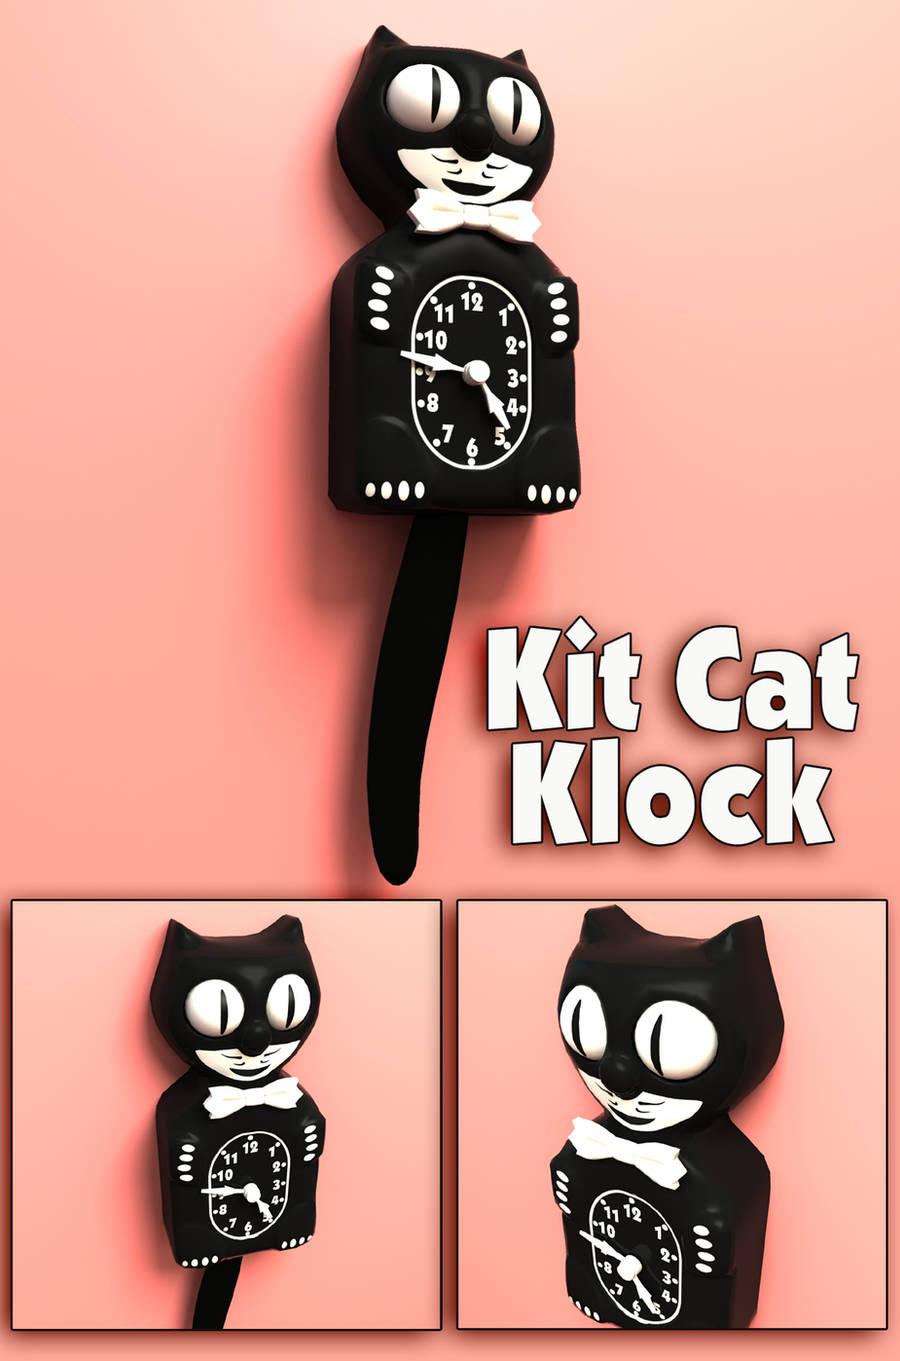 Kit Cat Clock 3D Model by sicklilmonky